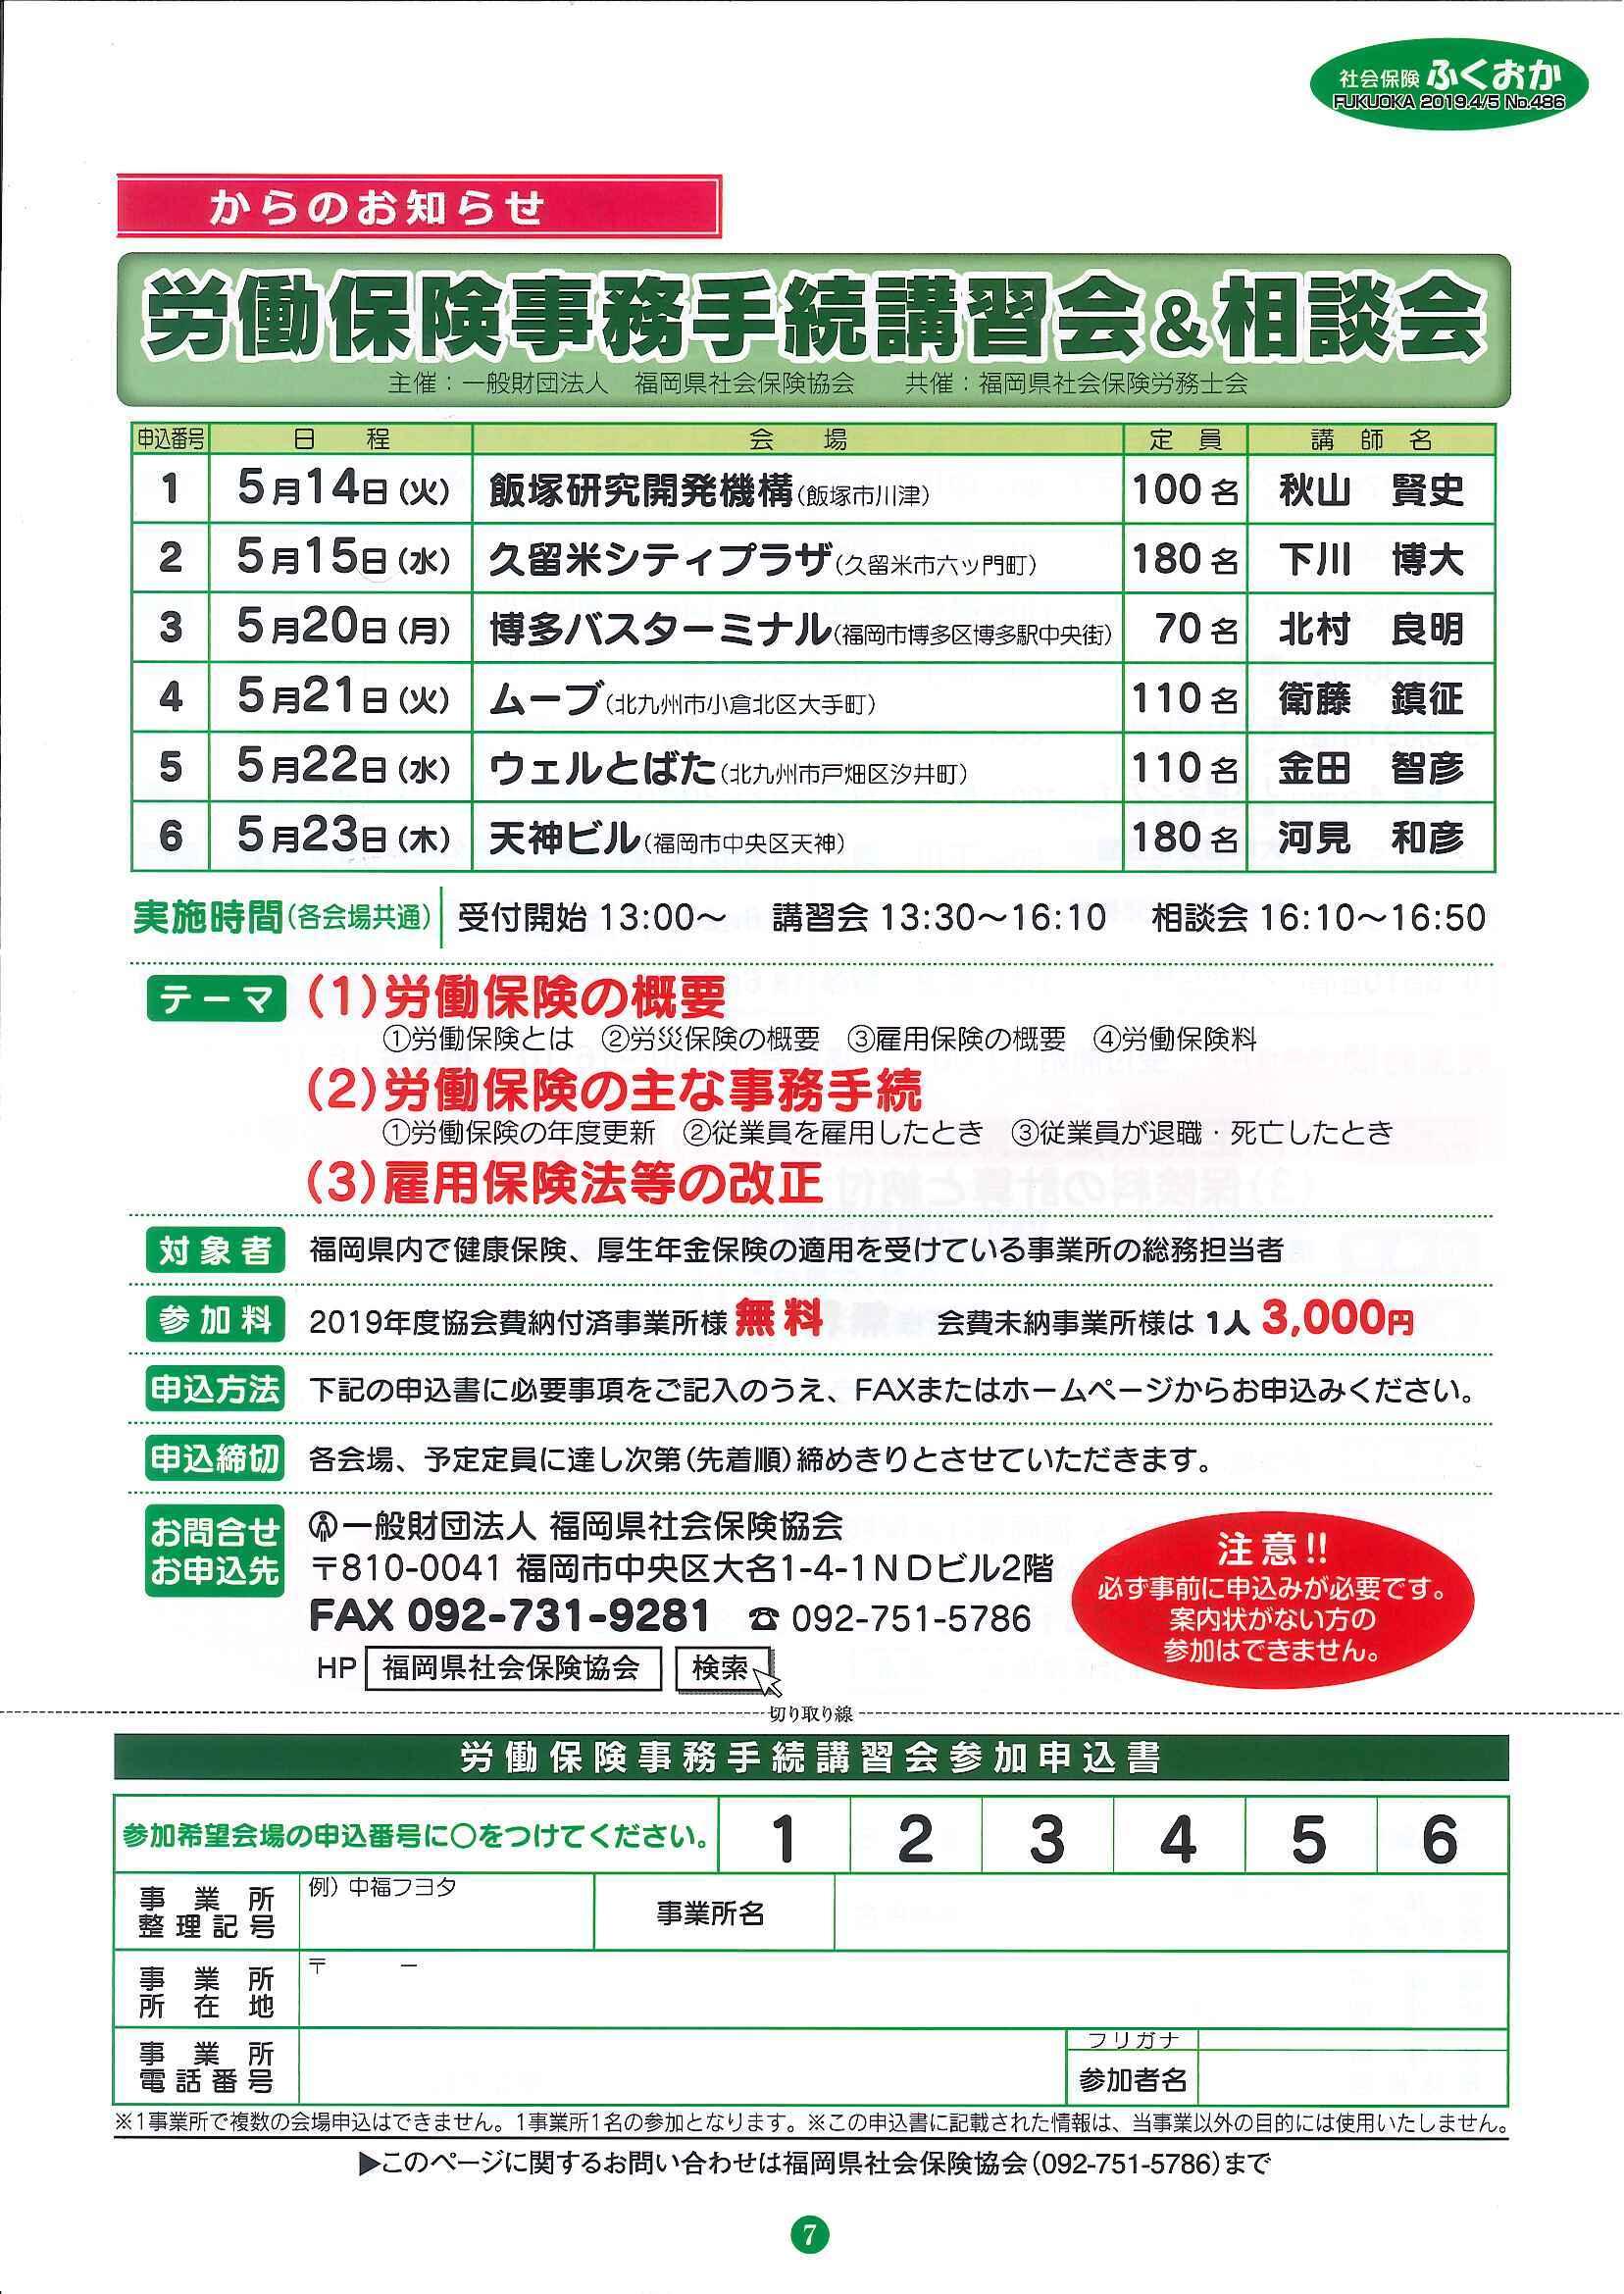 社会保険 ふくおか 2019年4・5月号_f0120774_15084414.jpg